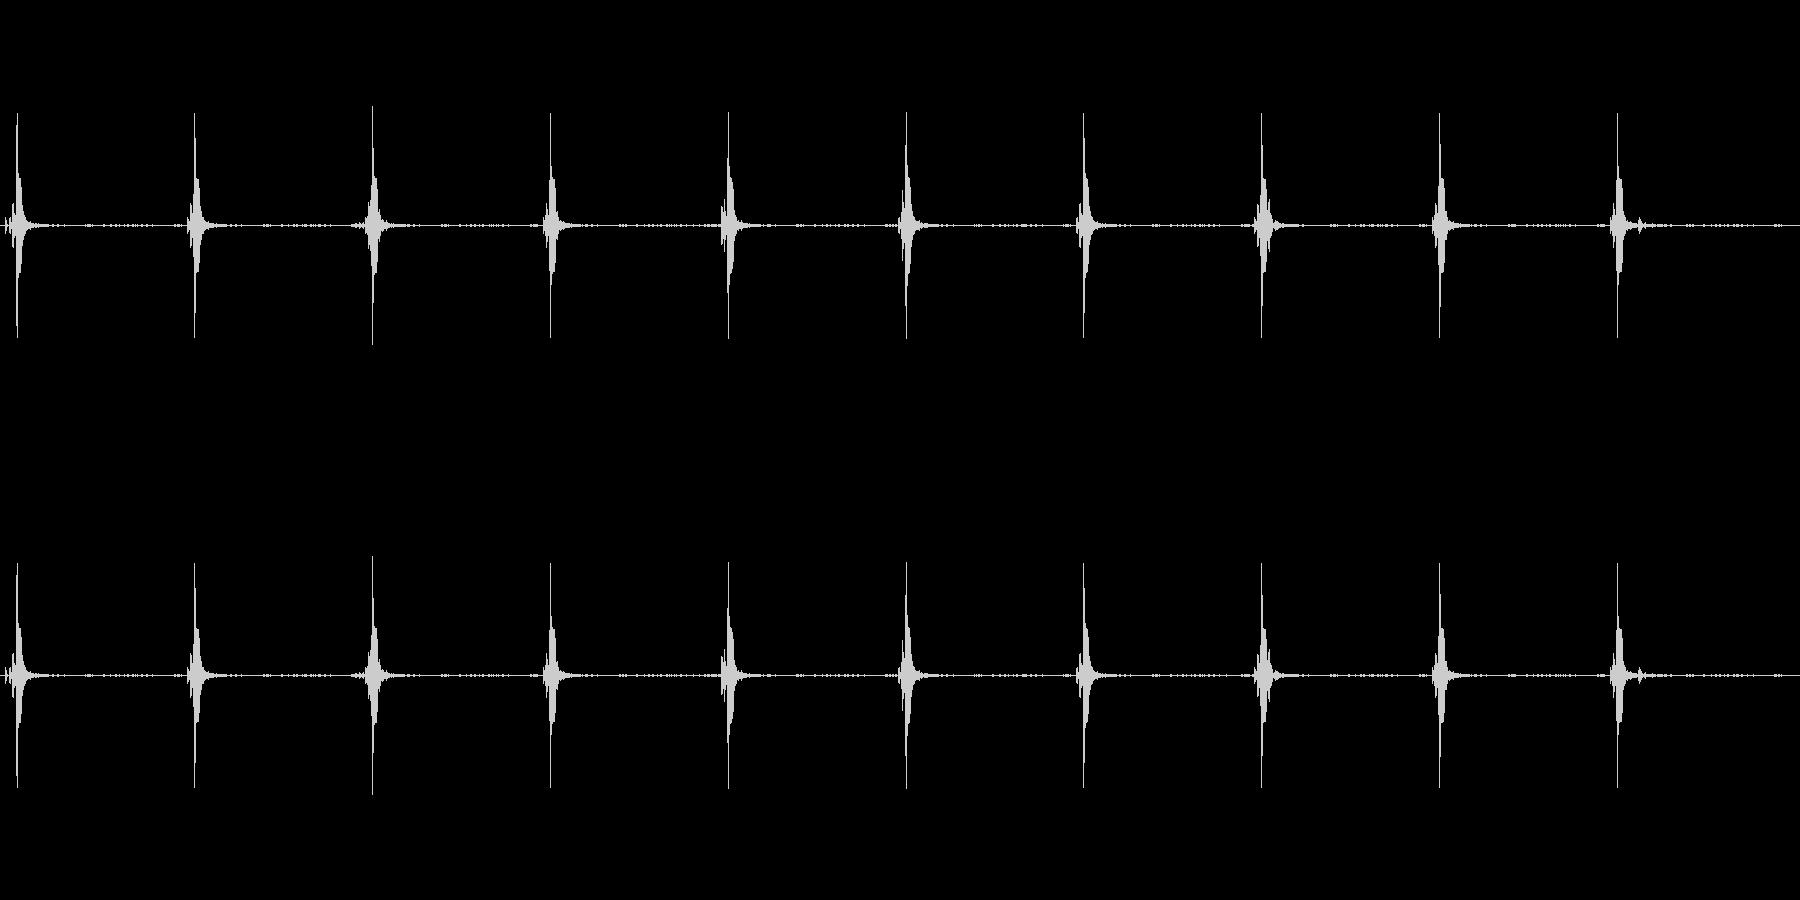 古い時計の音。10秒ループの未再生の波形